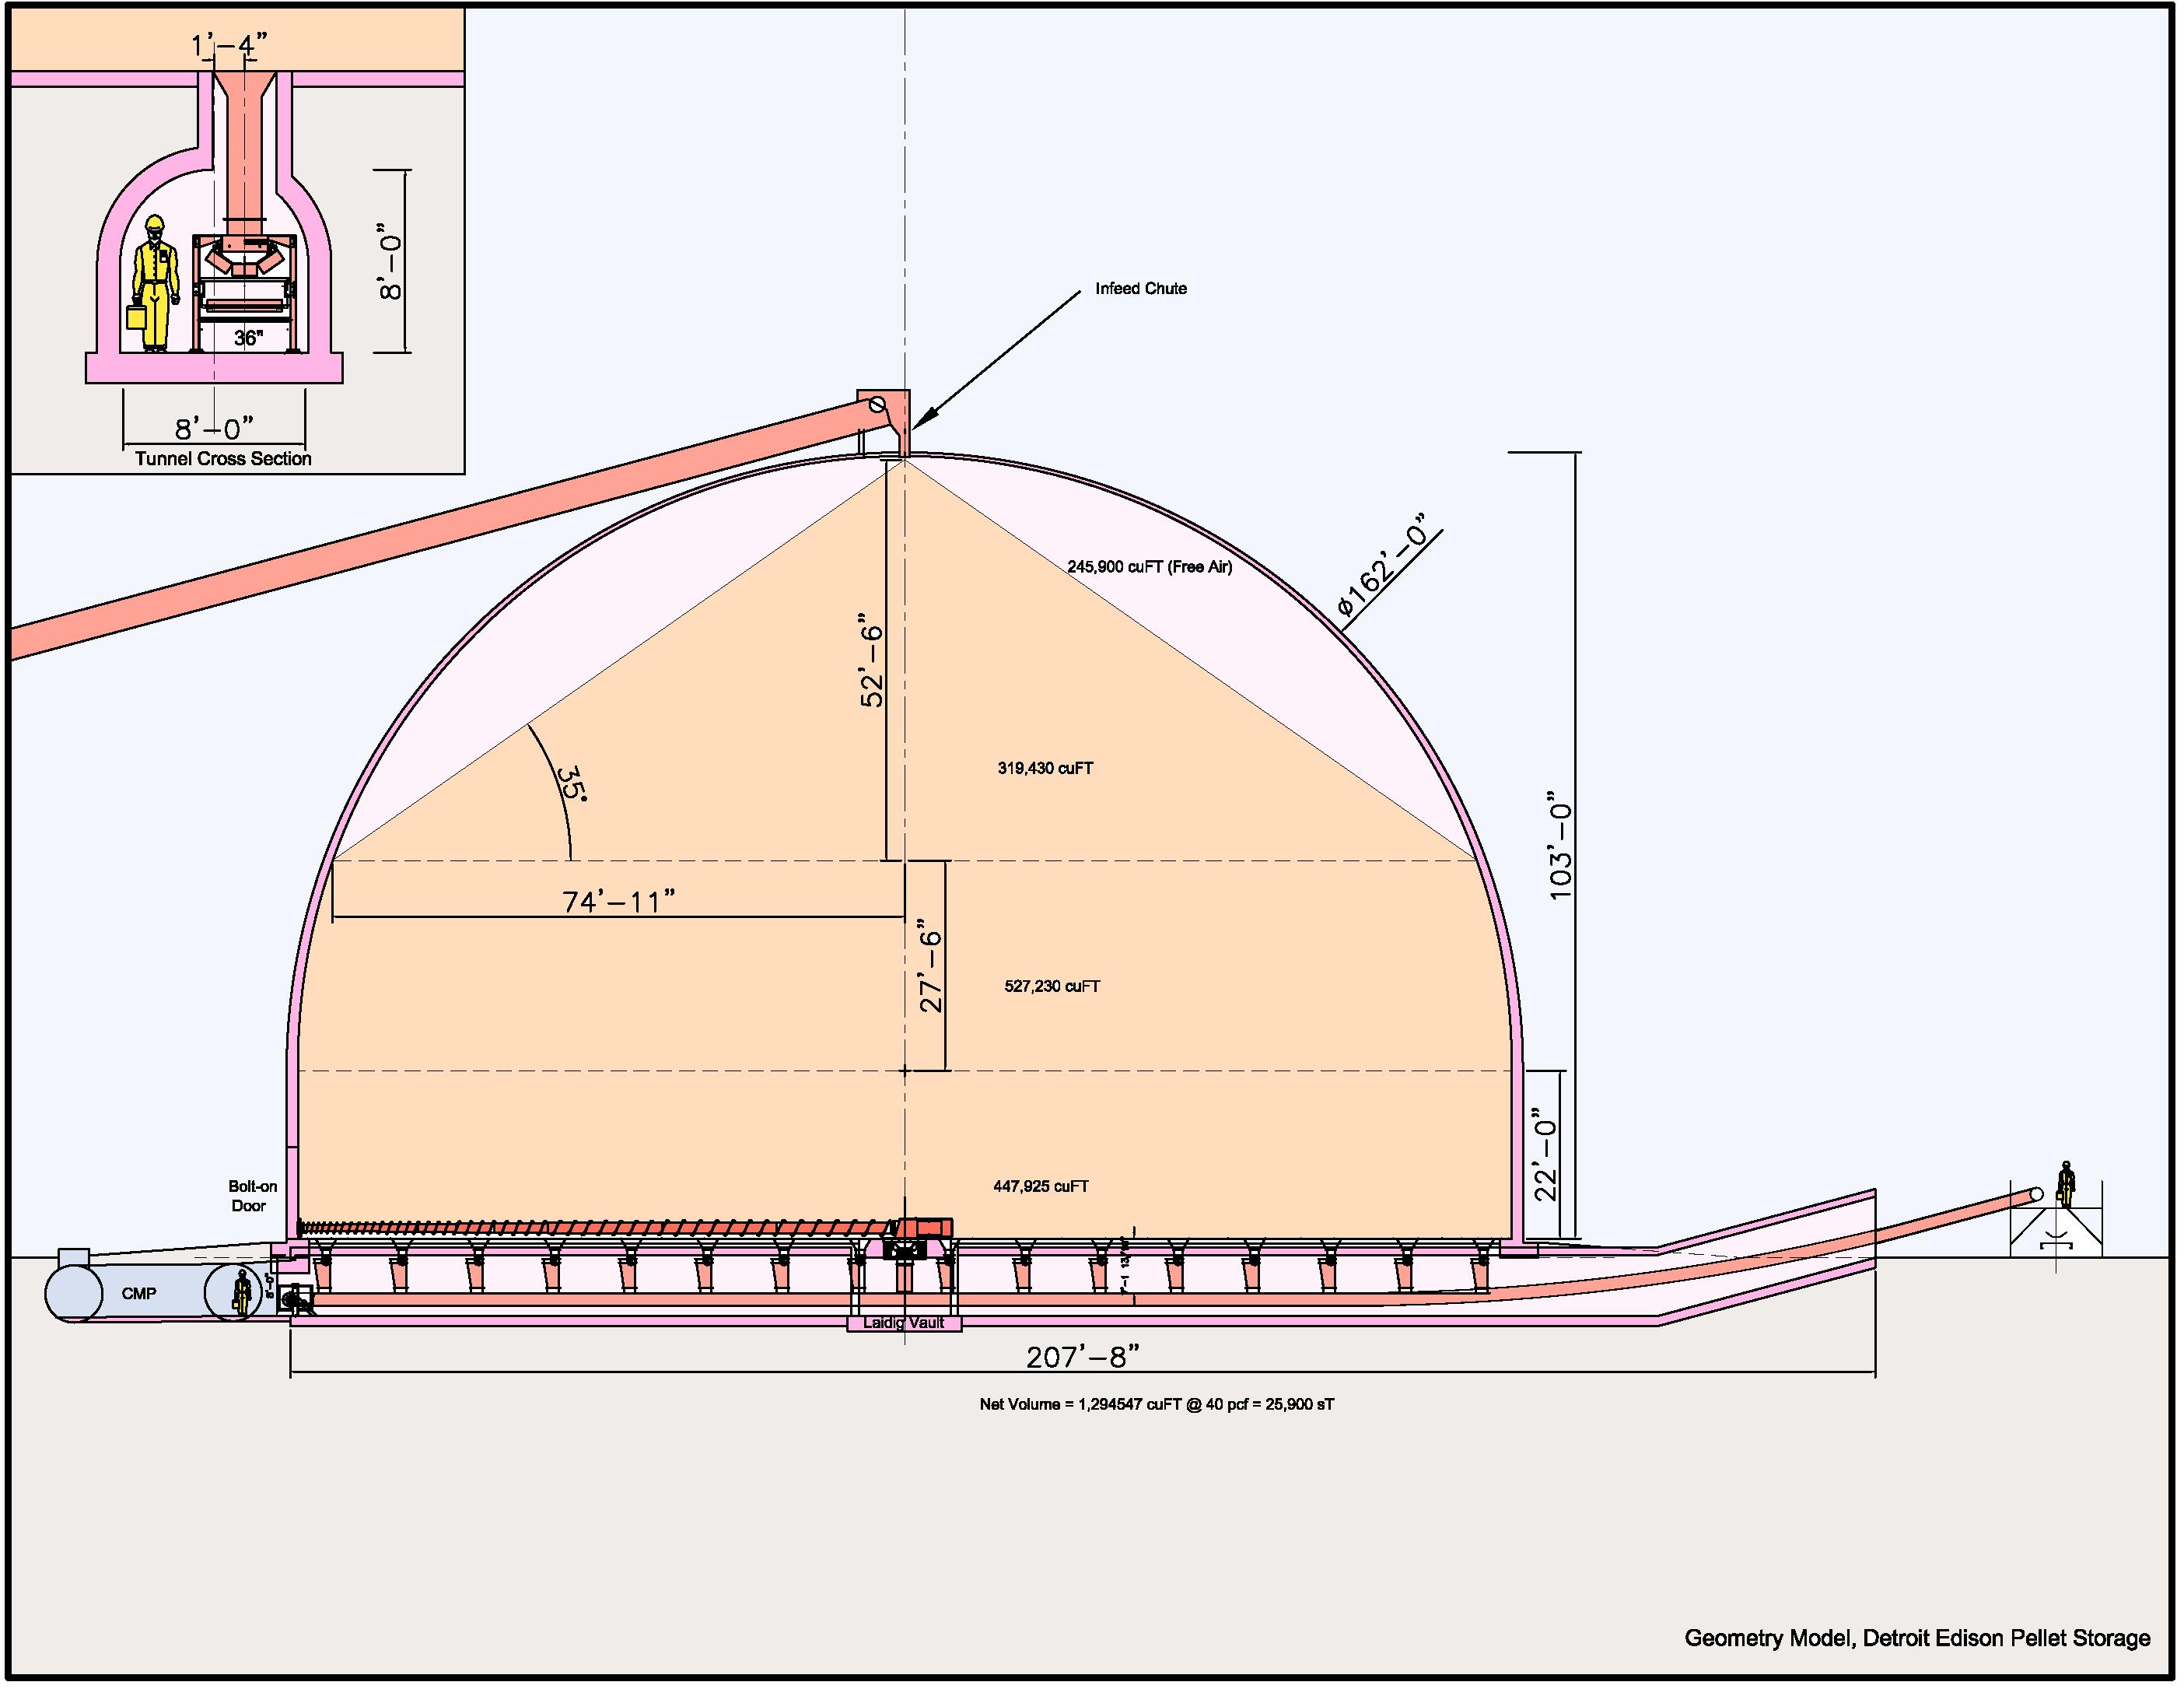 bulk-storage-choices-feature-article-figure 5 - wooden pellet storage